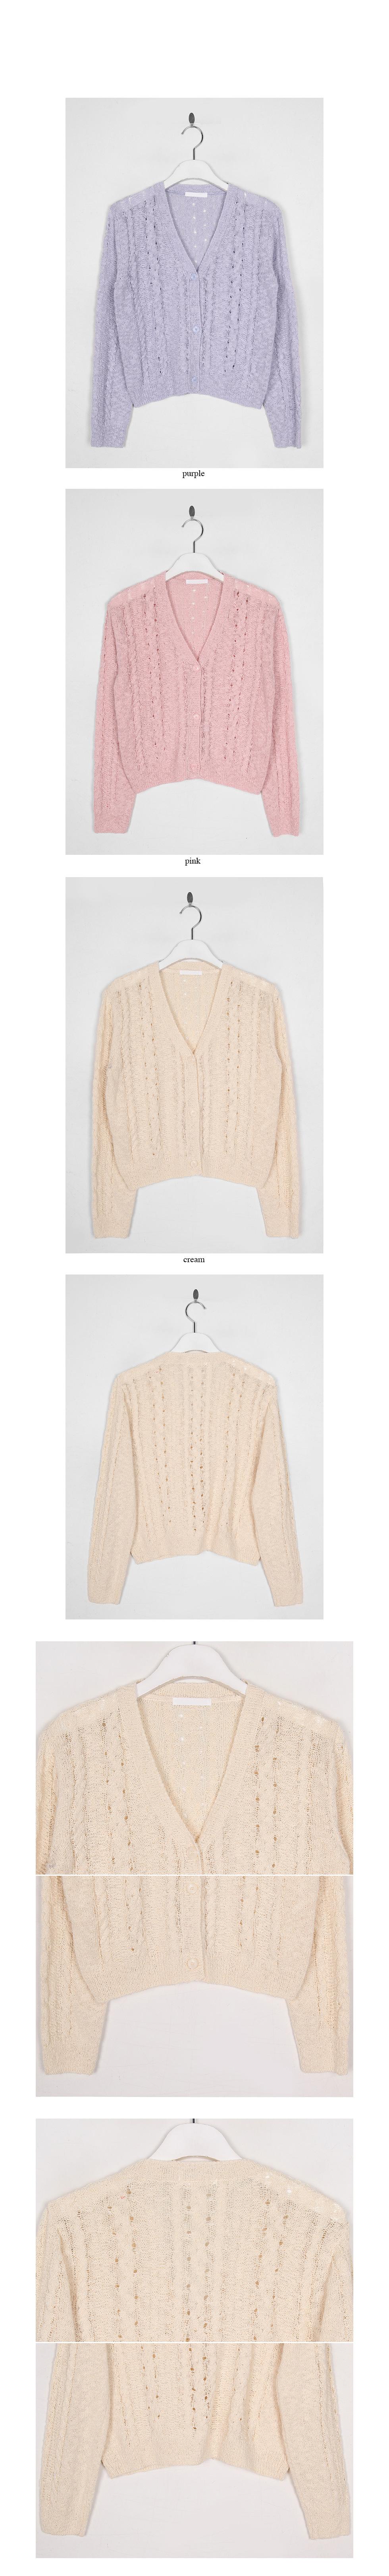 v-neck knitting cardigan